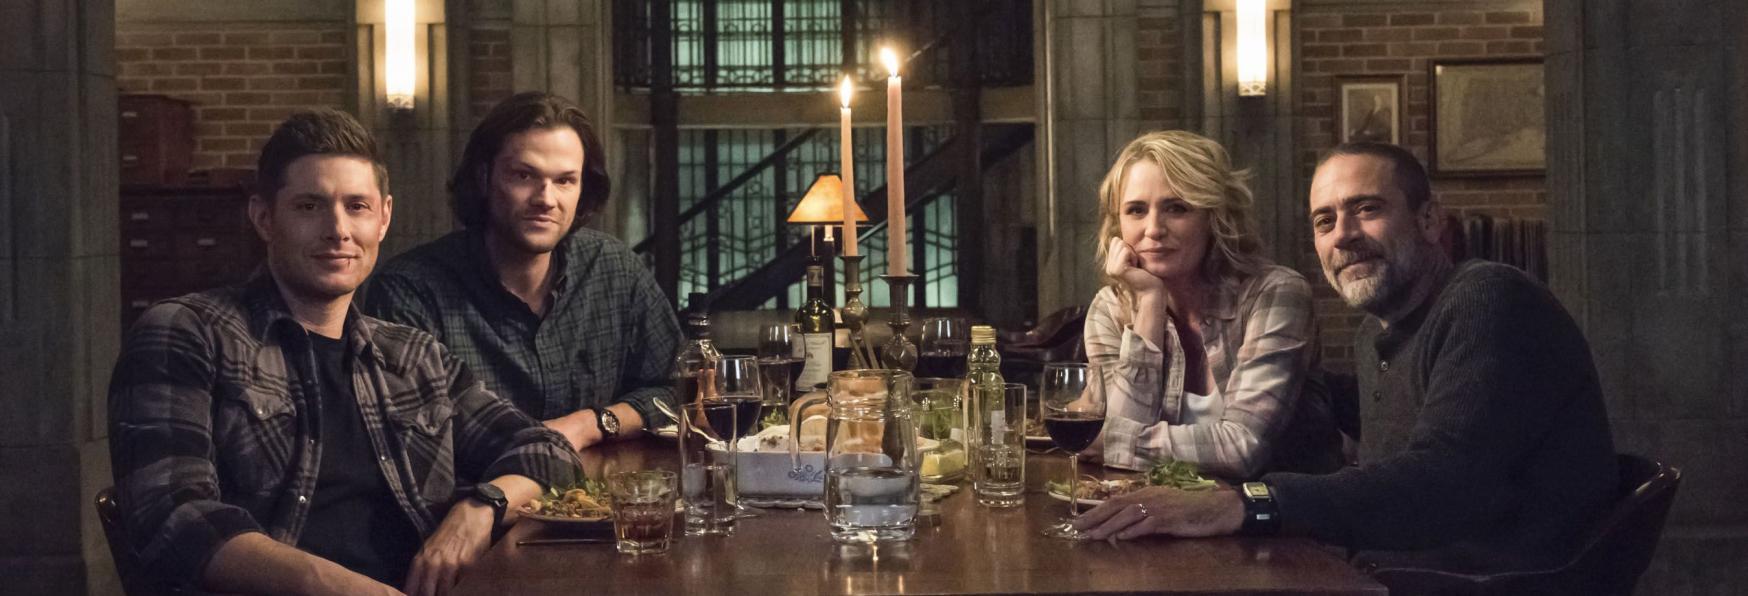 Supernatural: The CW al lavoro su una nuova Serie TV Spin-off